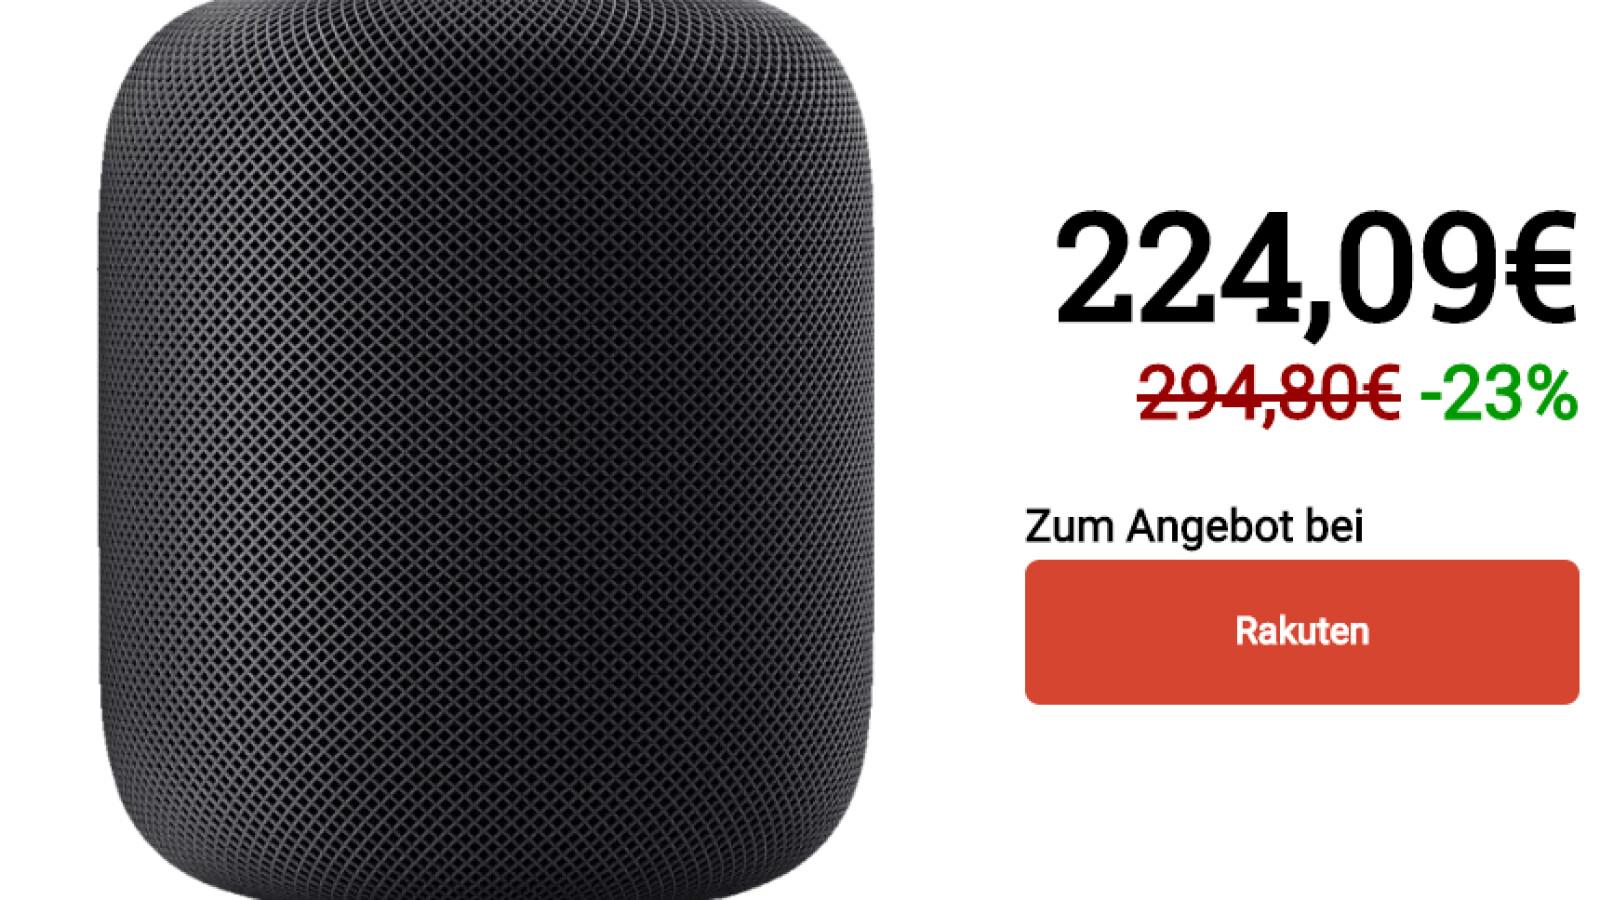 Apple HomePod für nur 206 Euro: Wo ist der Haken?